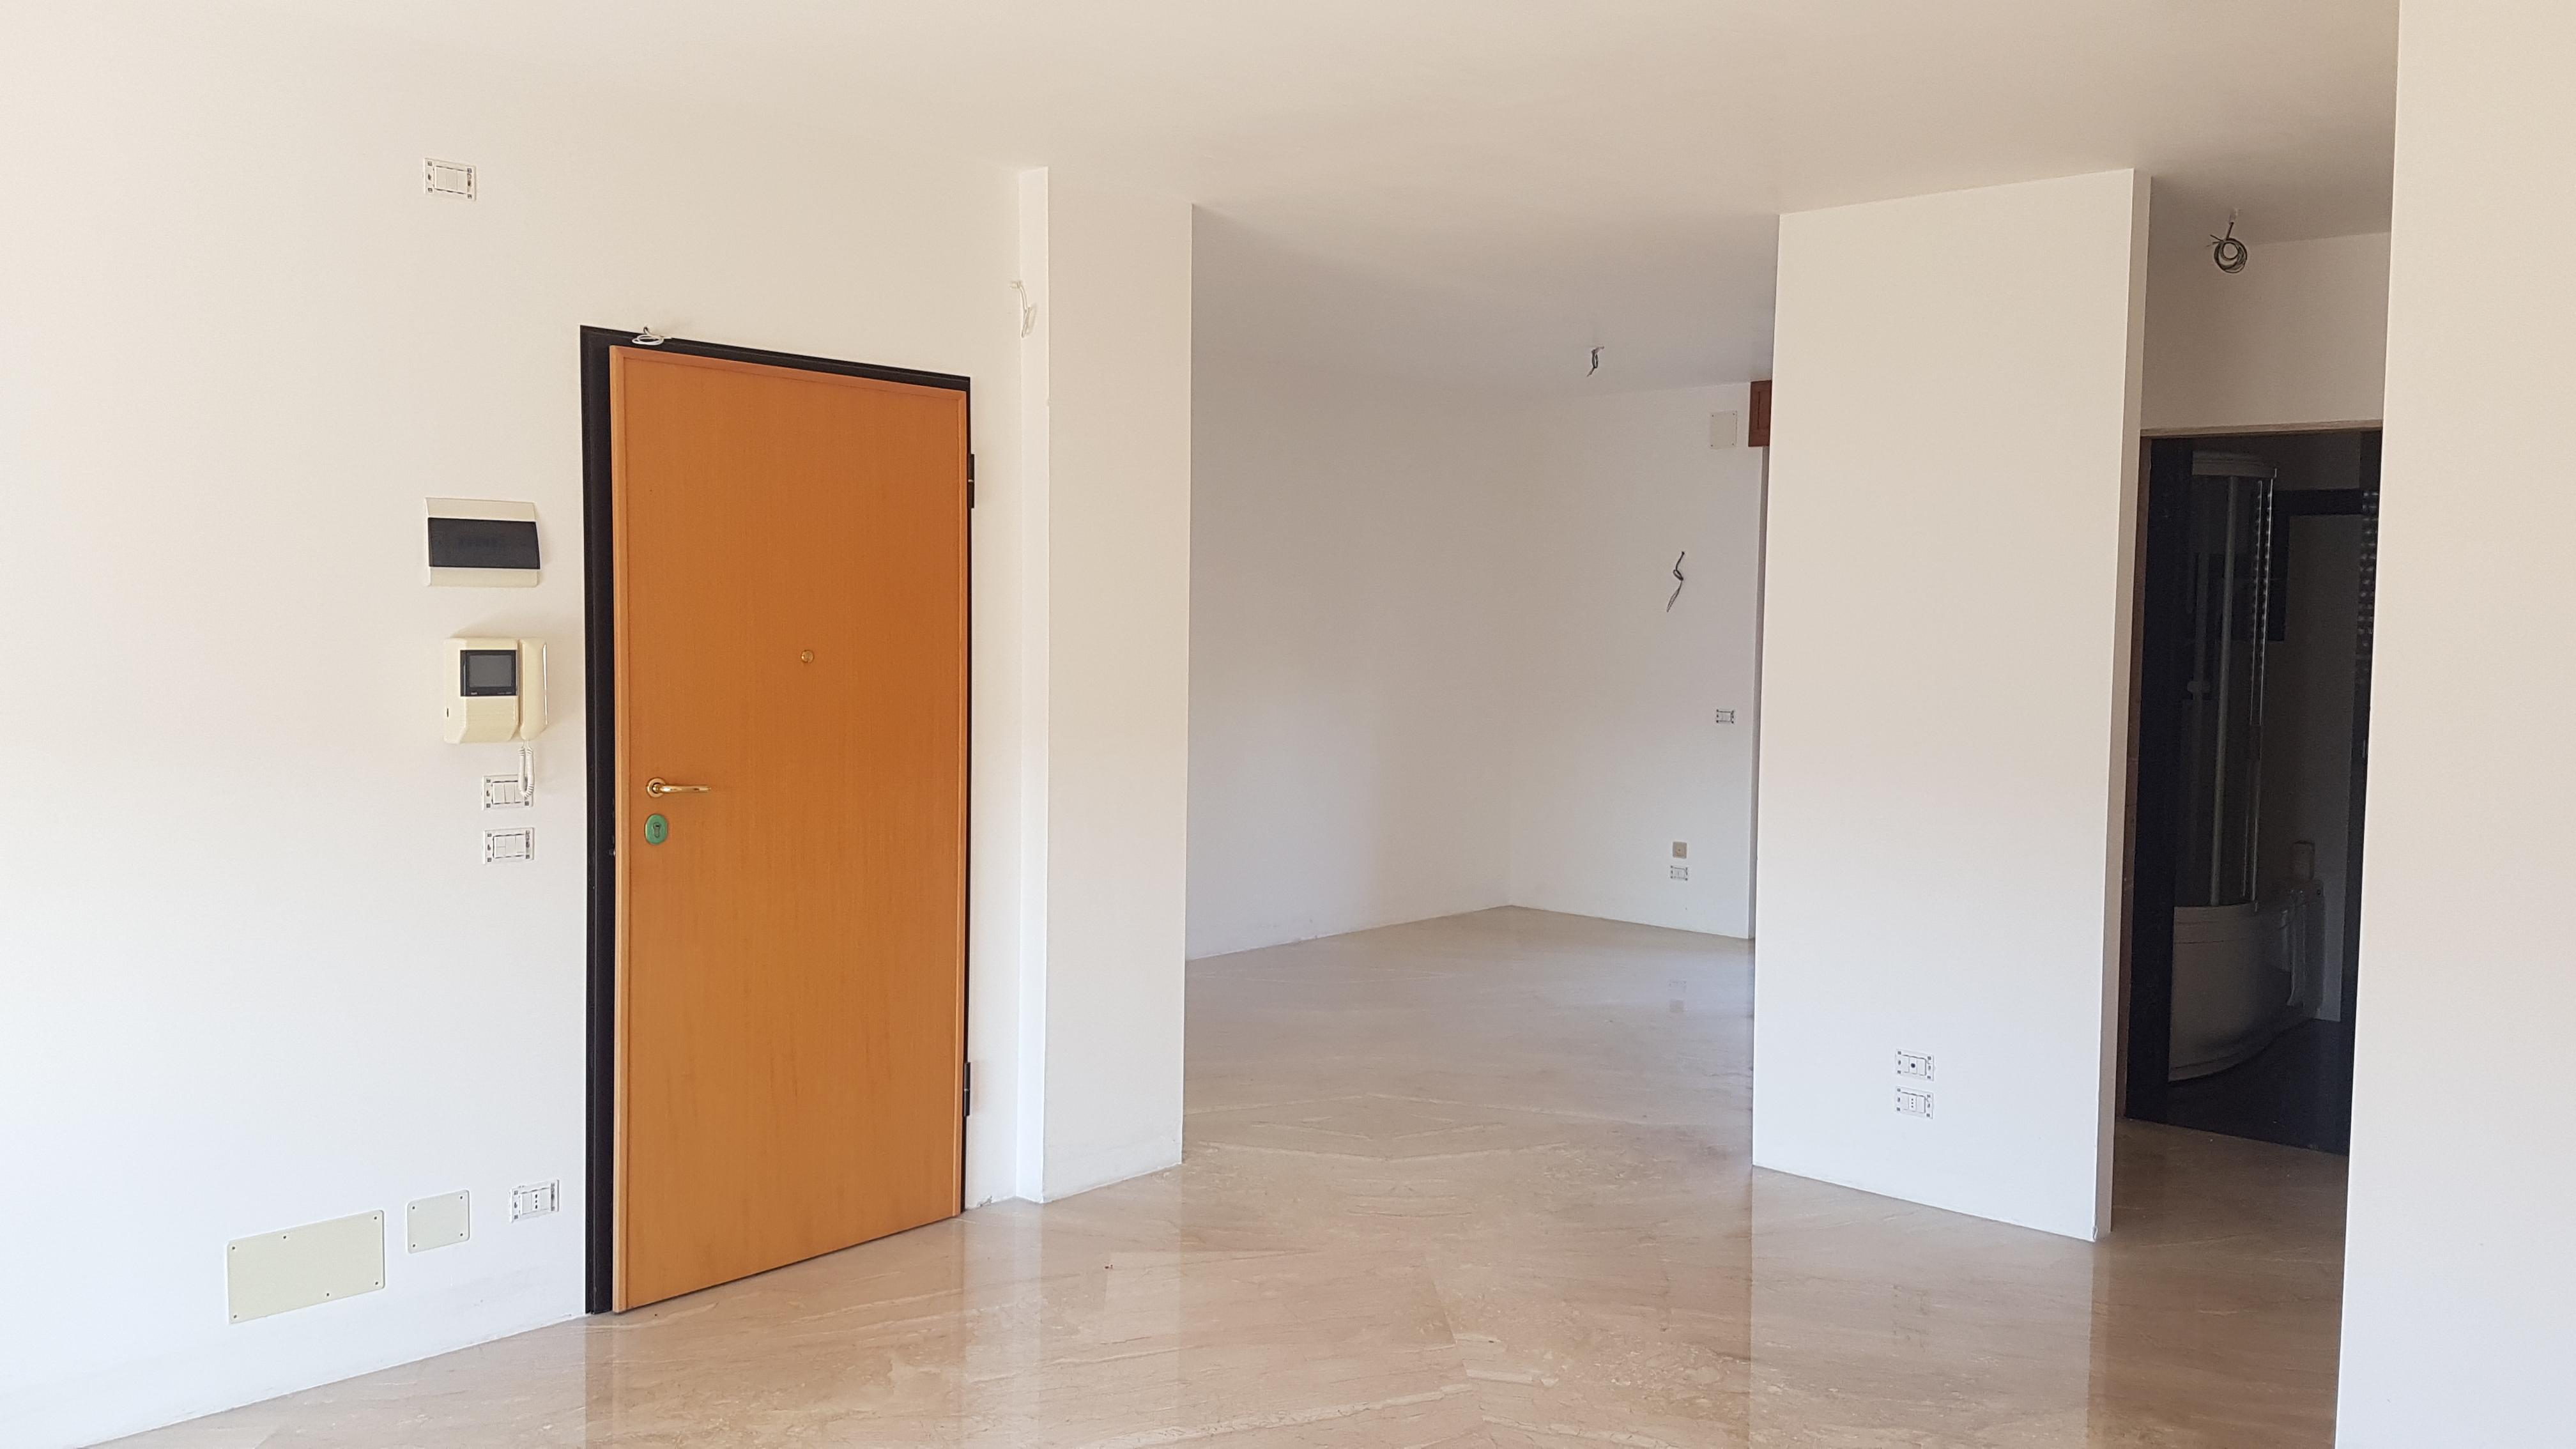 Vicinanze Viale Cristoforo Colombo Appartamento di 3 Vani e Accessori e Box